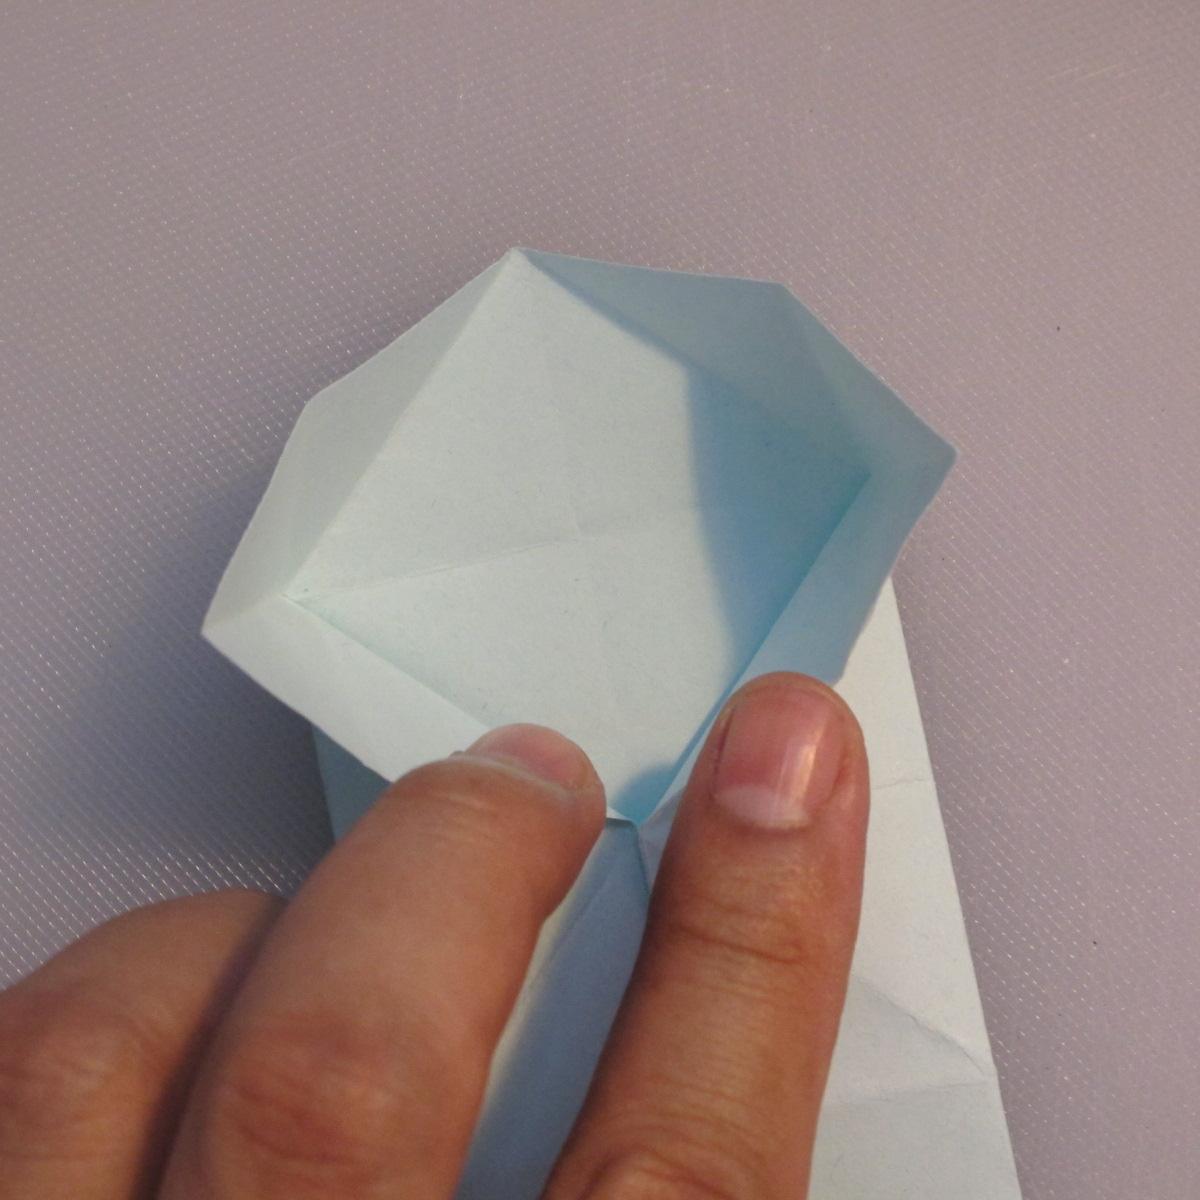 วิธีพับกระดาษเป็นรูปผีเสื้อ 008